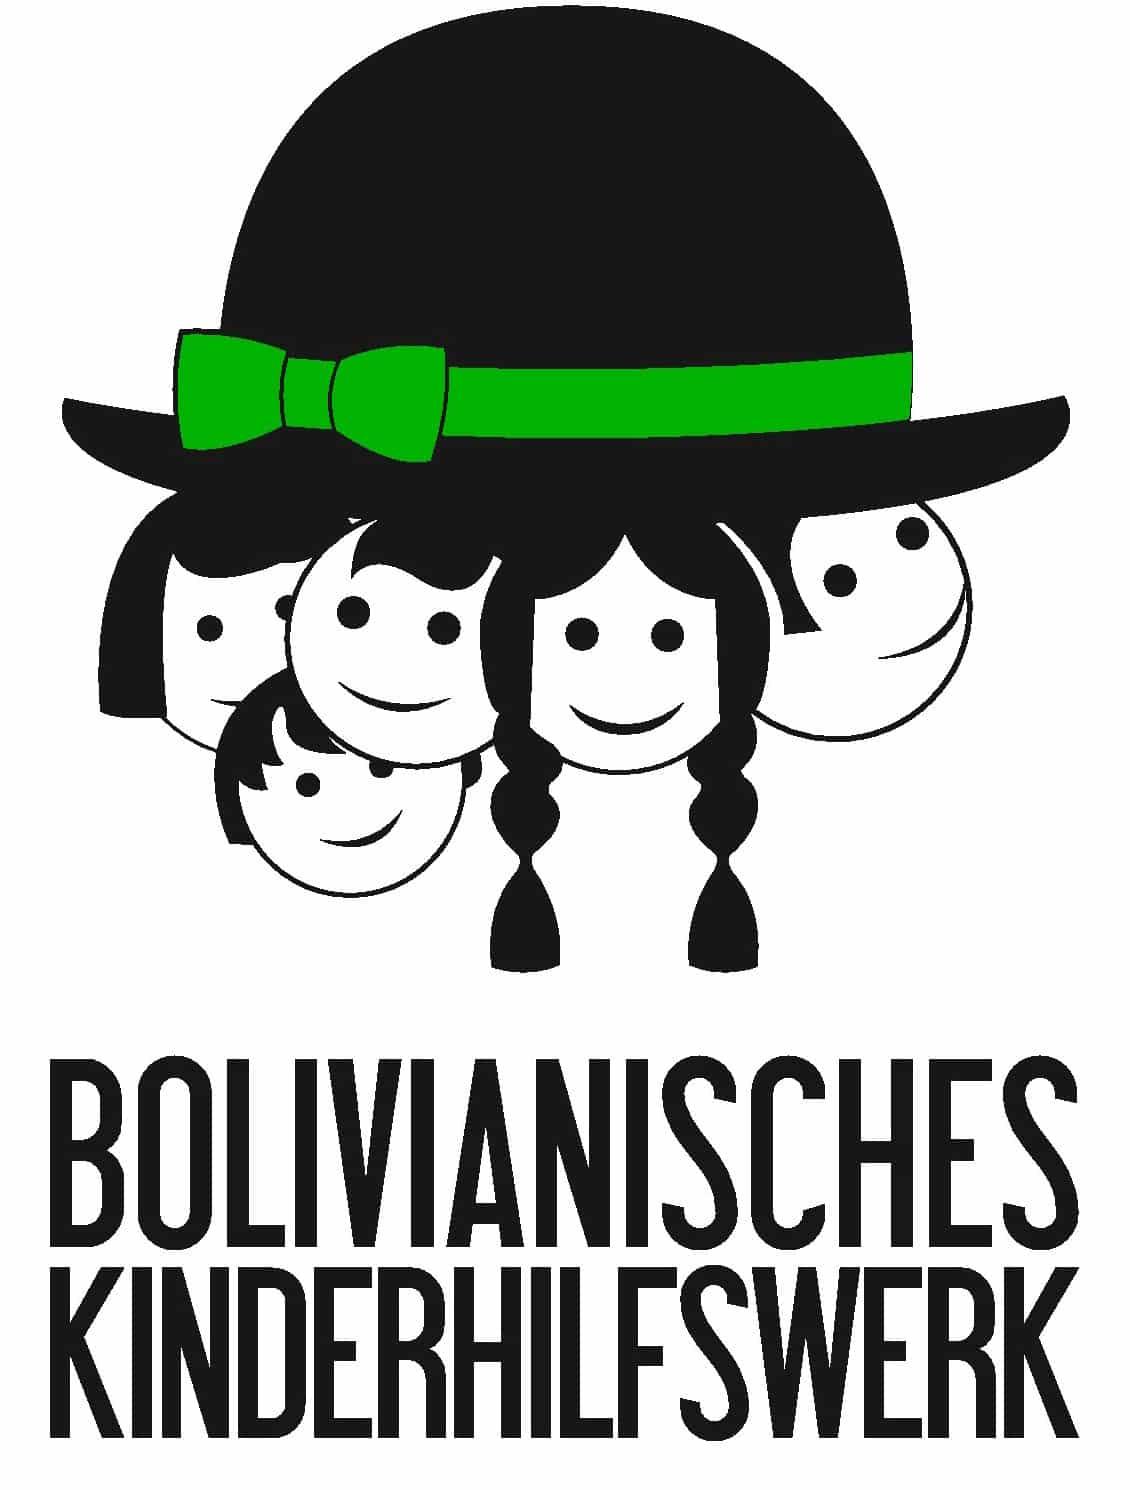 Bolivianisches Kinderhilfswerk